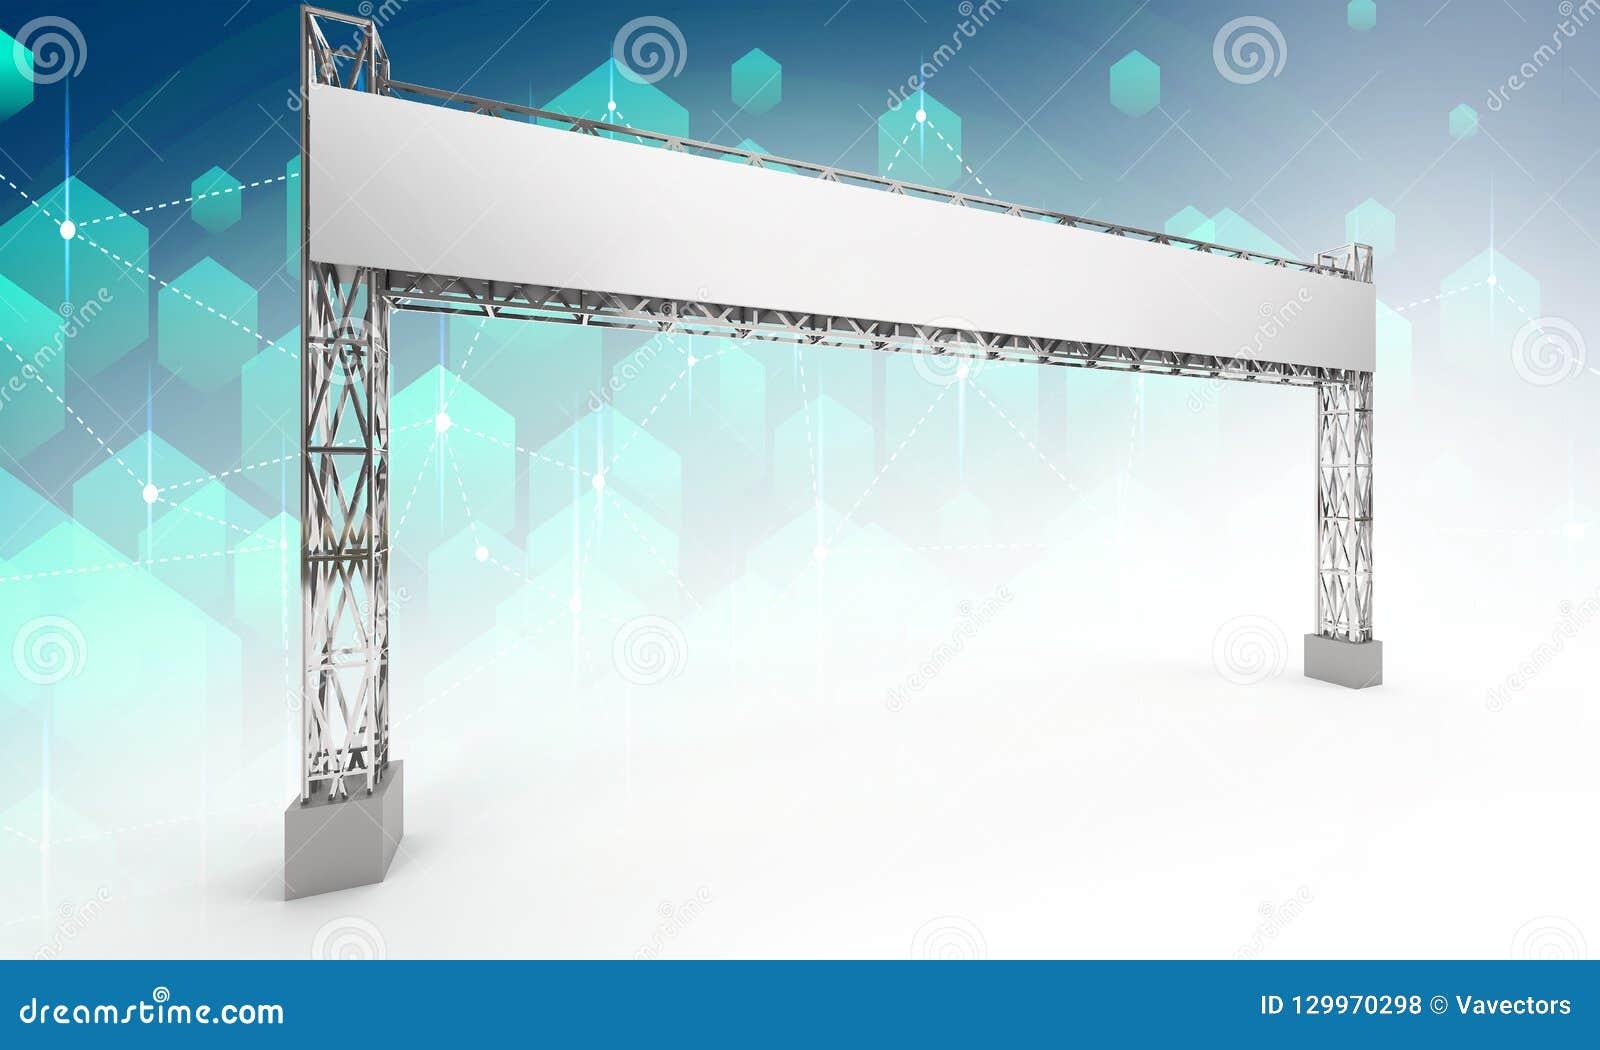 Gate exhibition rigging modern design